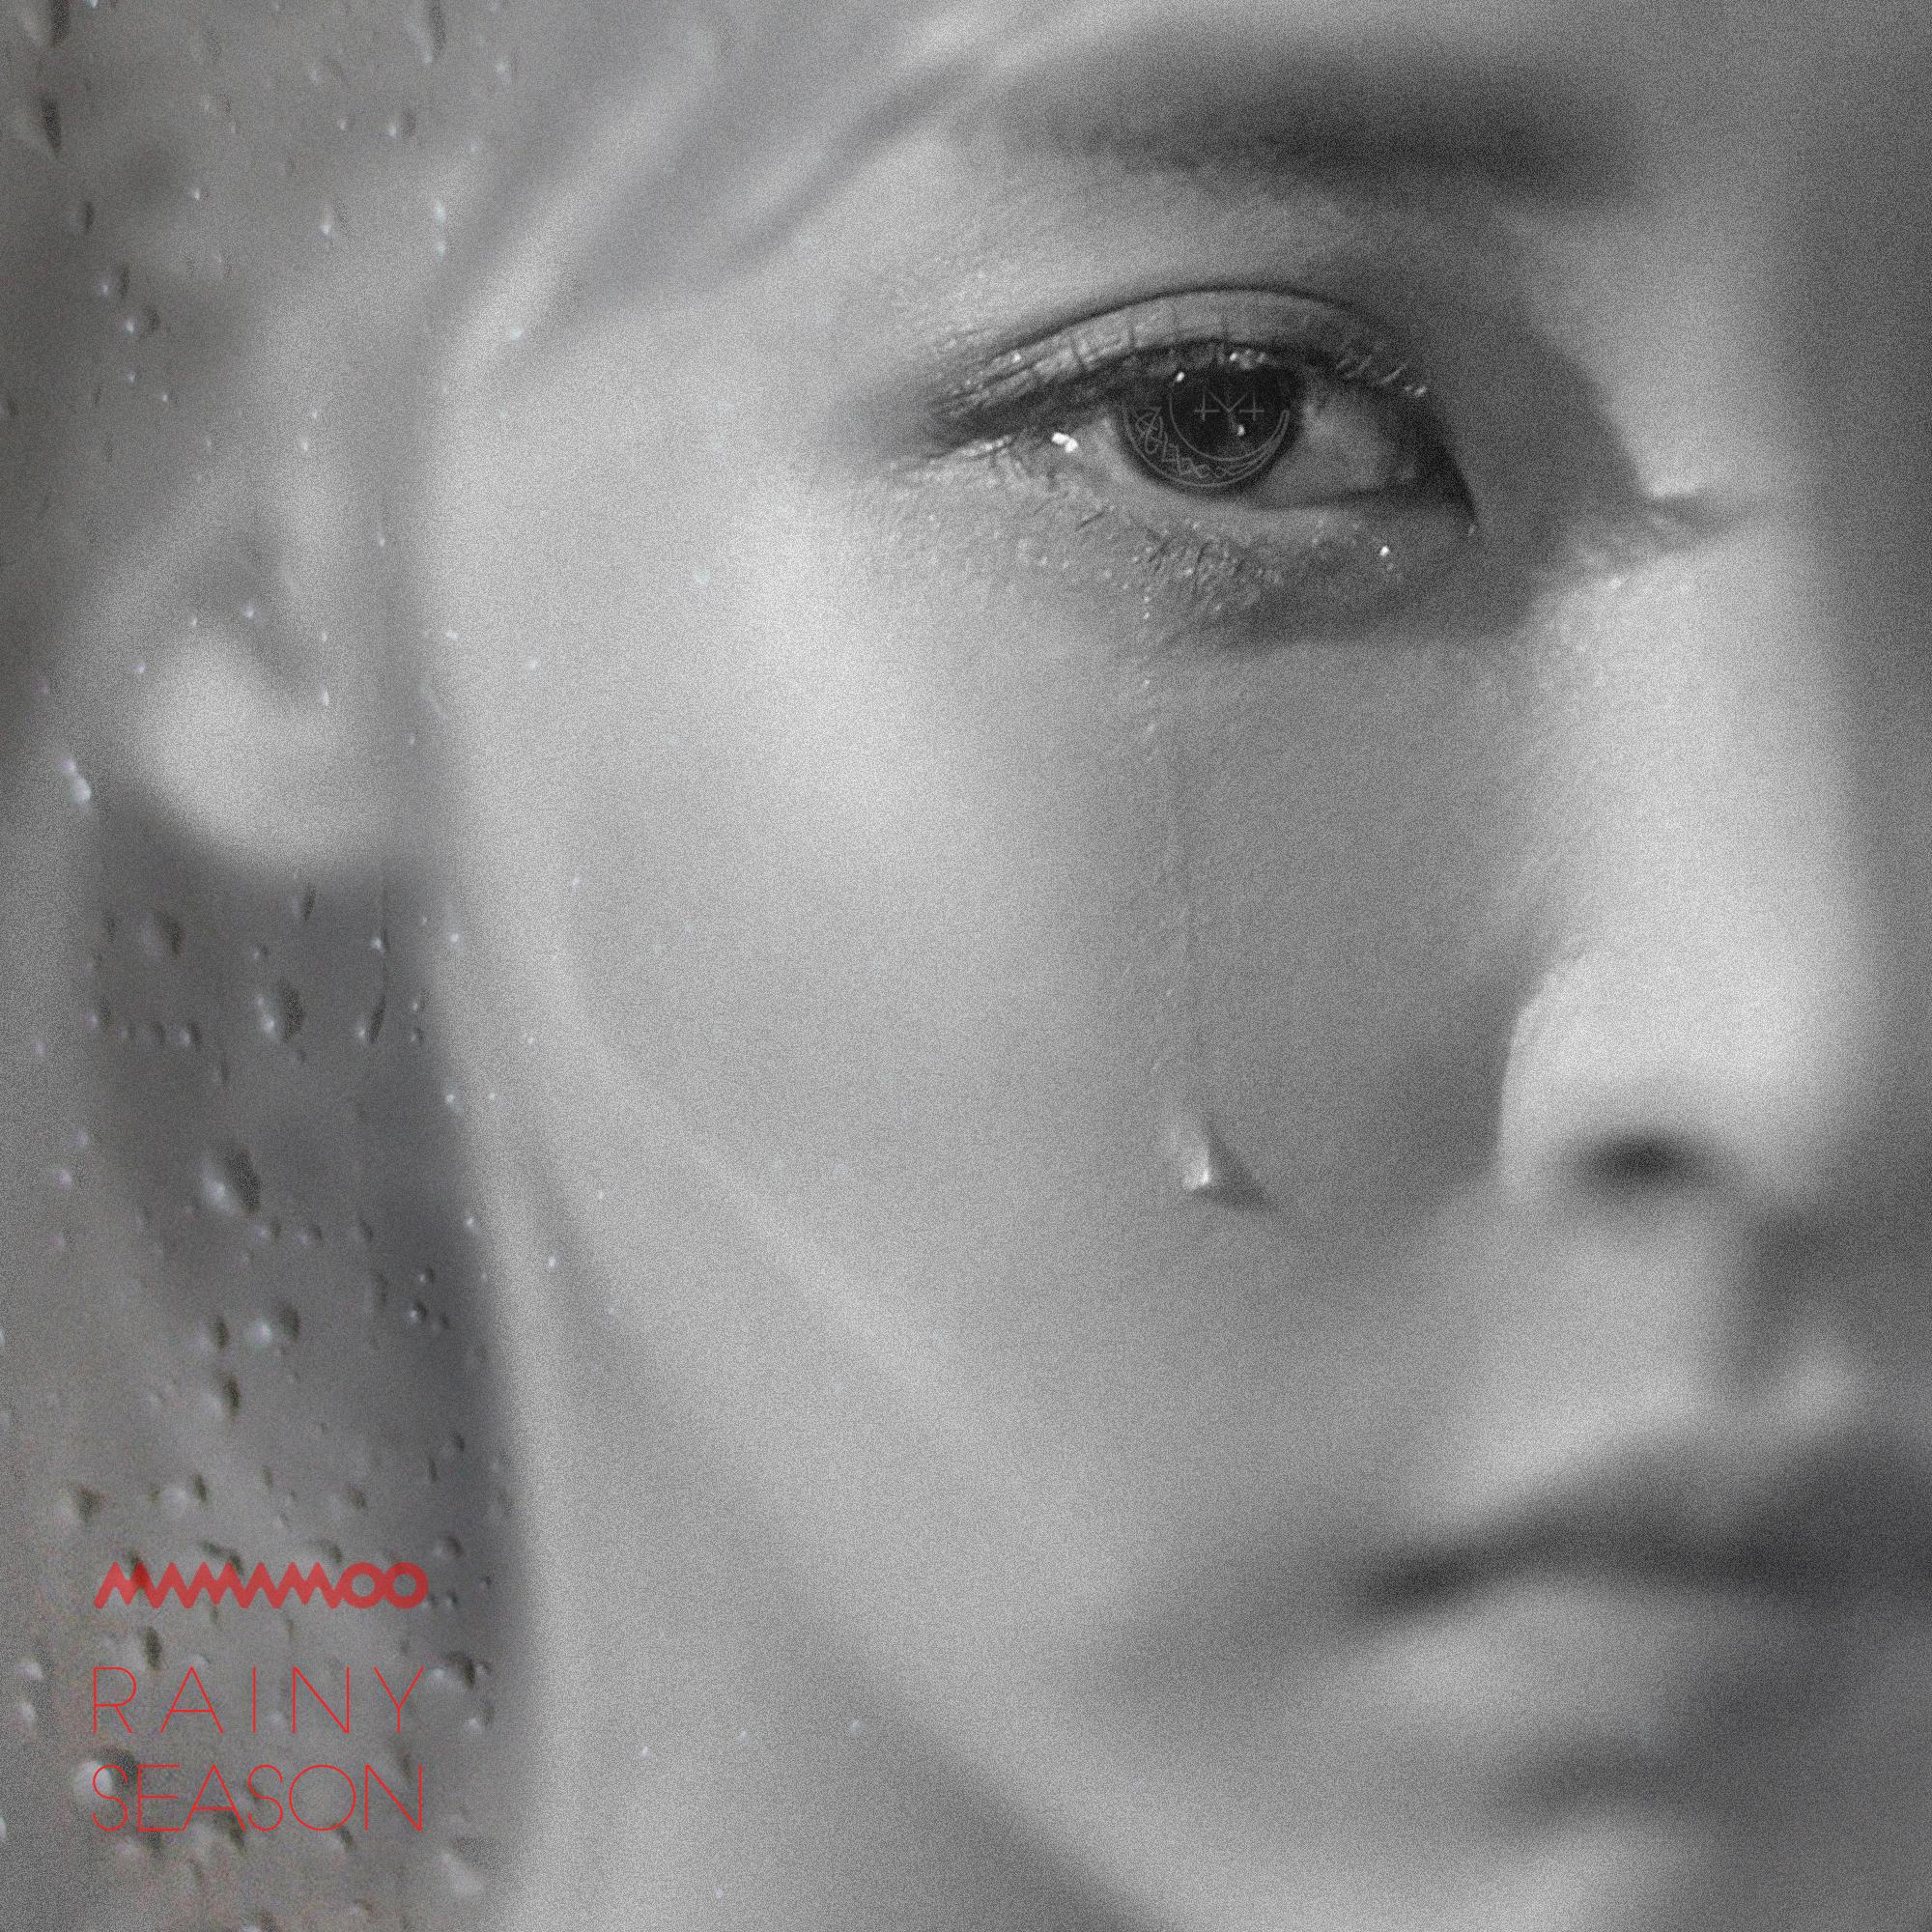 마마무 '장마' 음원차트 5곳 1위 점령! 2018 '장마송' 등극